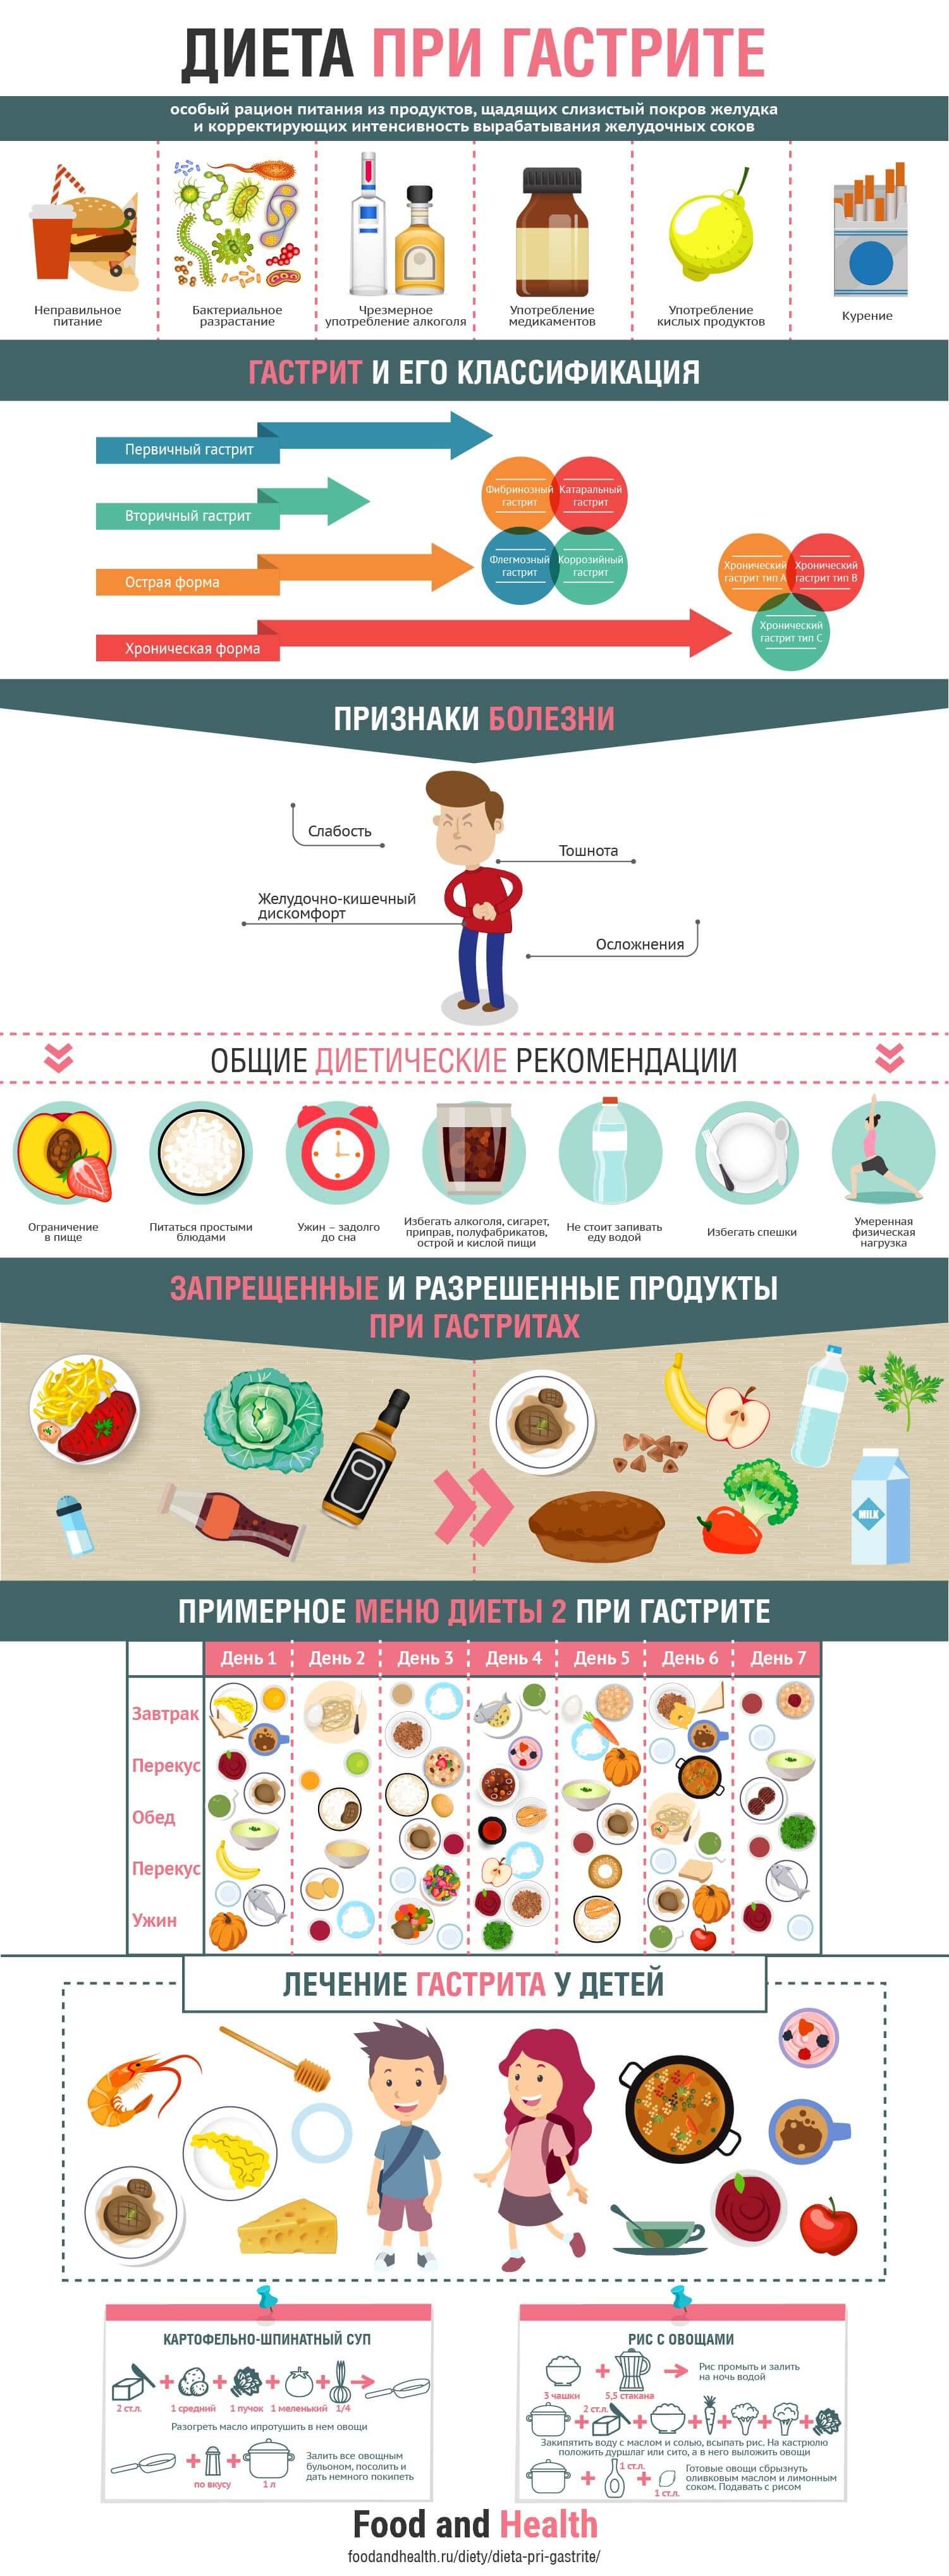 гастрит желудка диета: